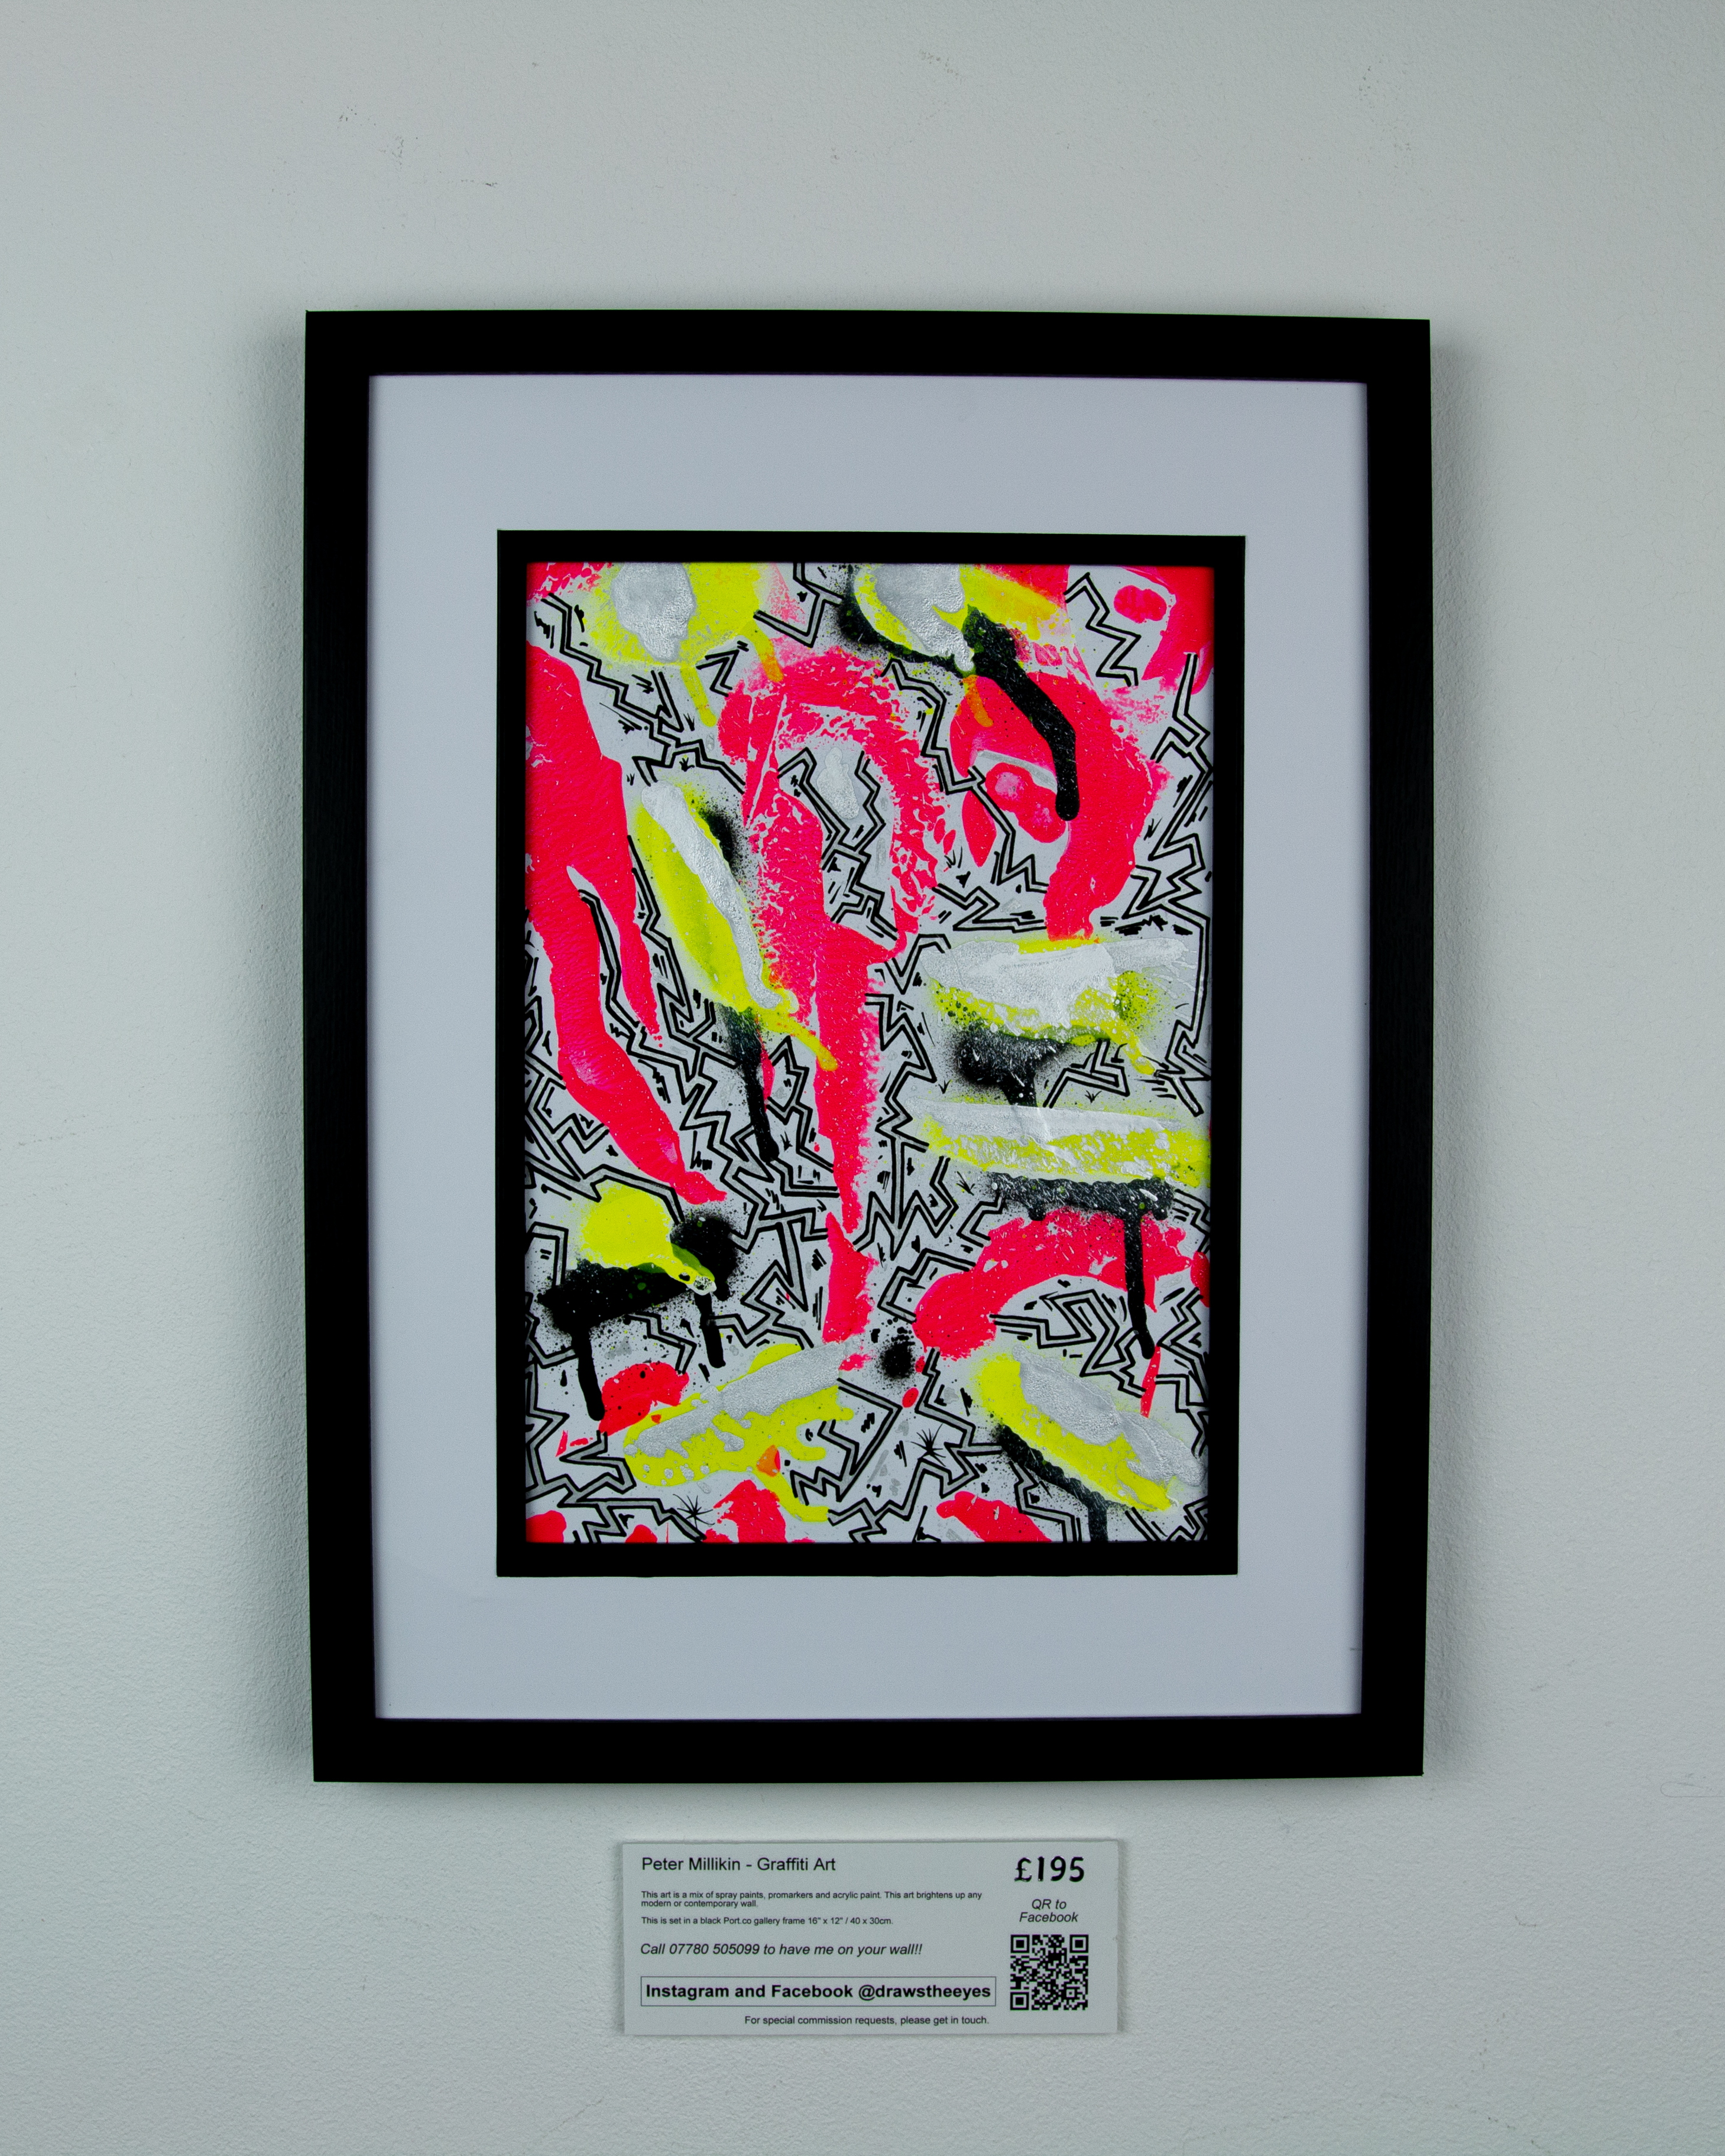 Framed A4 Spray Paint On Card – Marina Vista 01